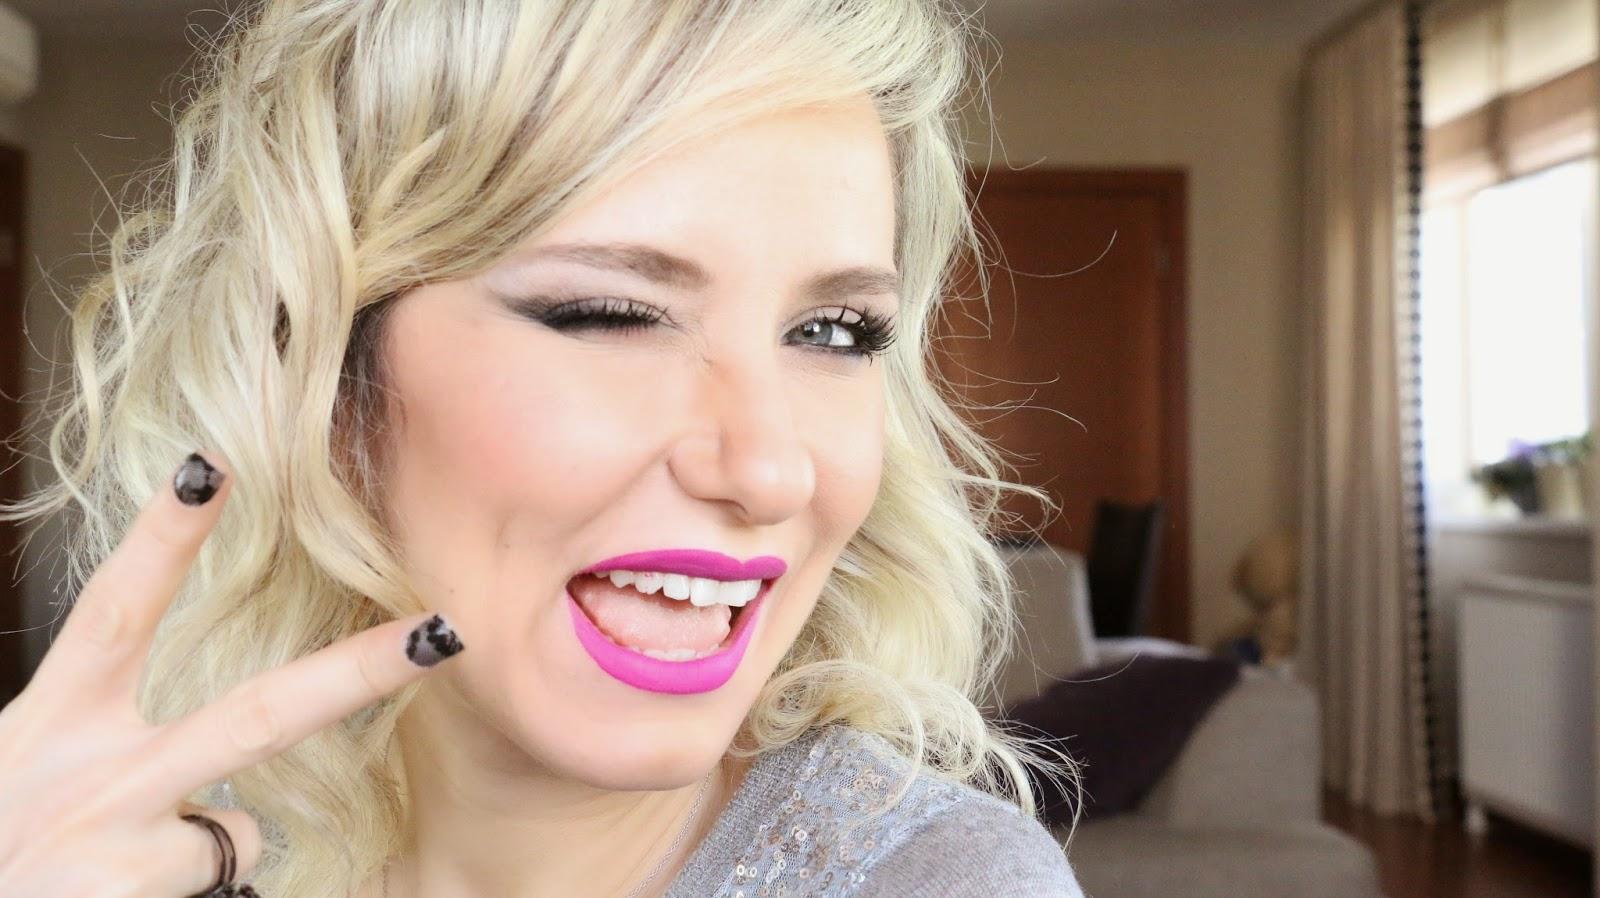 lime crime - gosh - boombastic - makyaj uygulamaları - makyaj blogları - kozmetik blogları - türk youtuber - beauty blogger - lime crime utopia